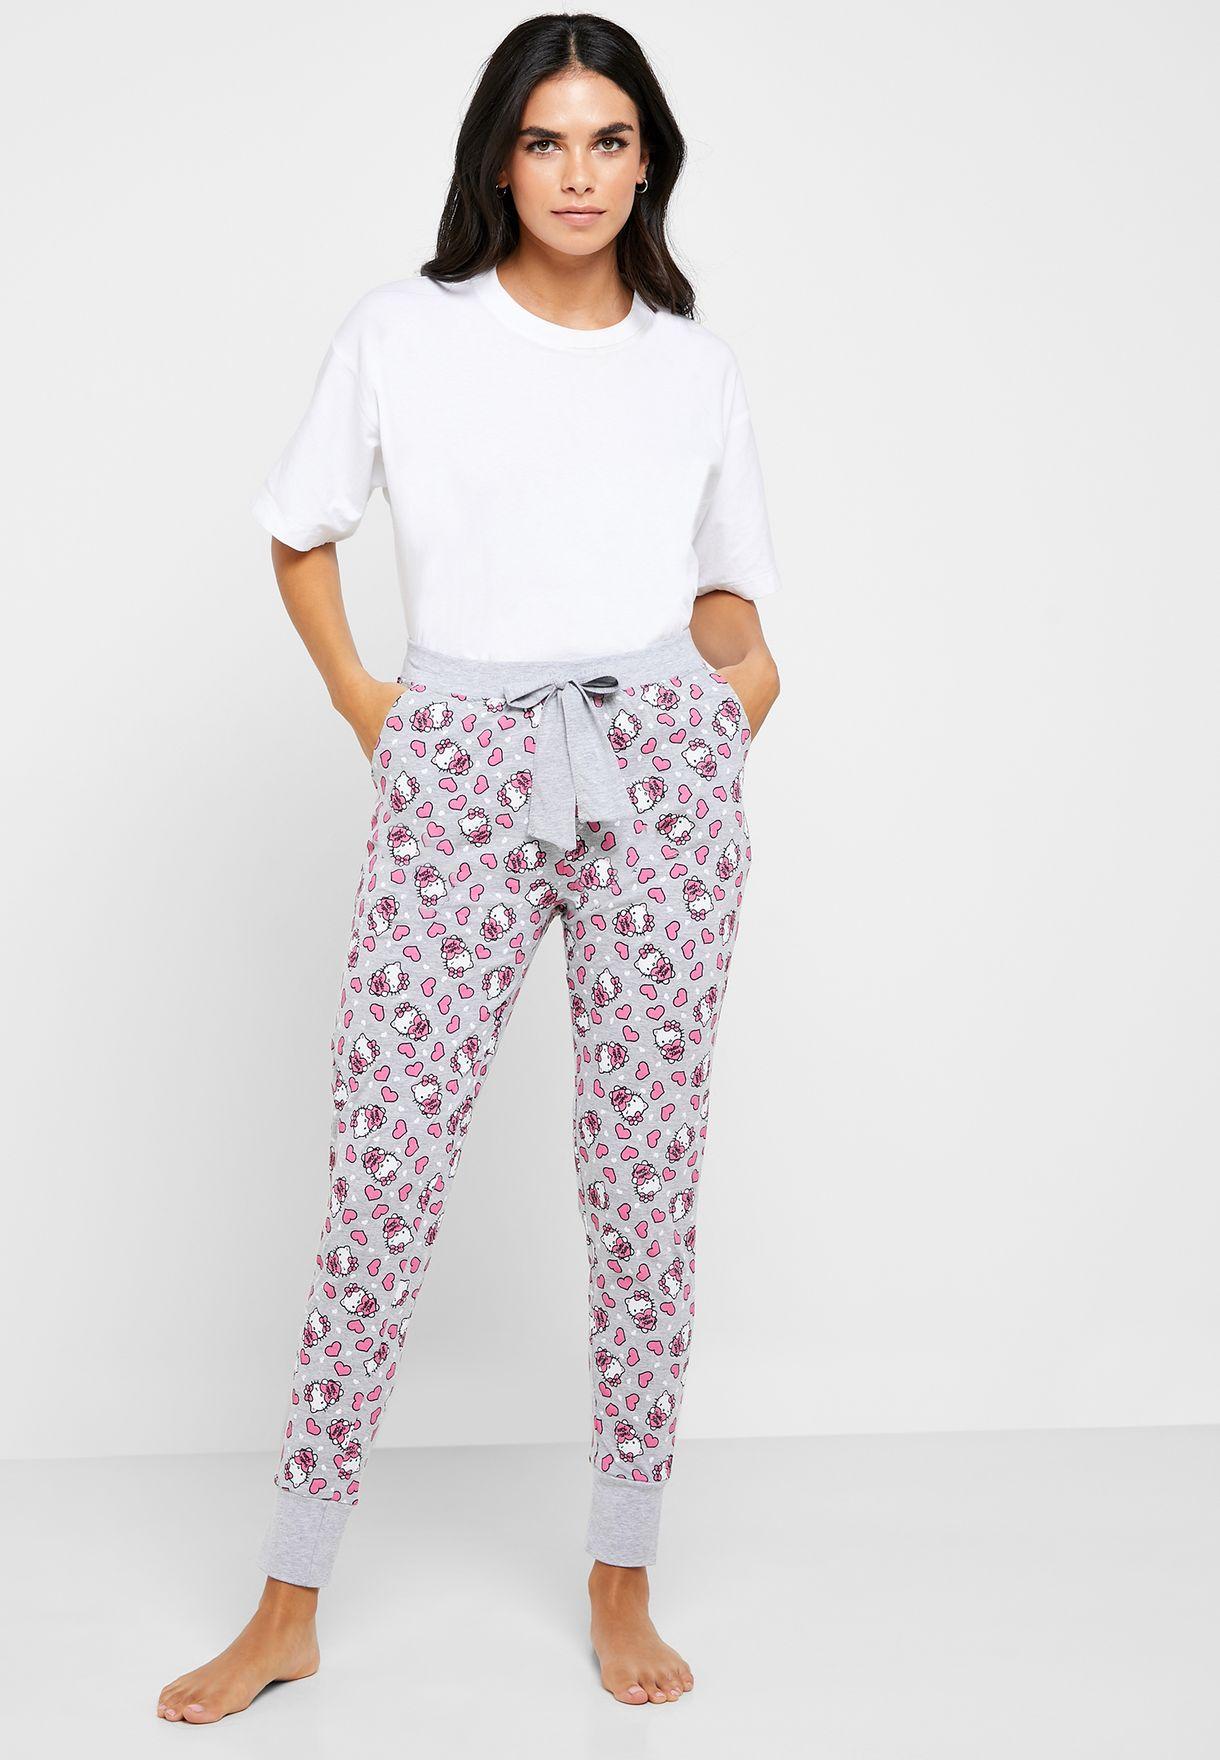 Tie Waist Printed Pyjama